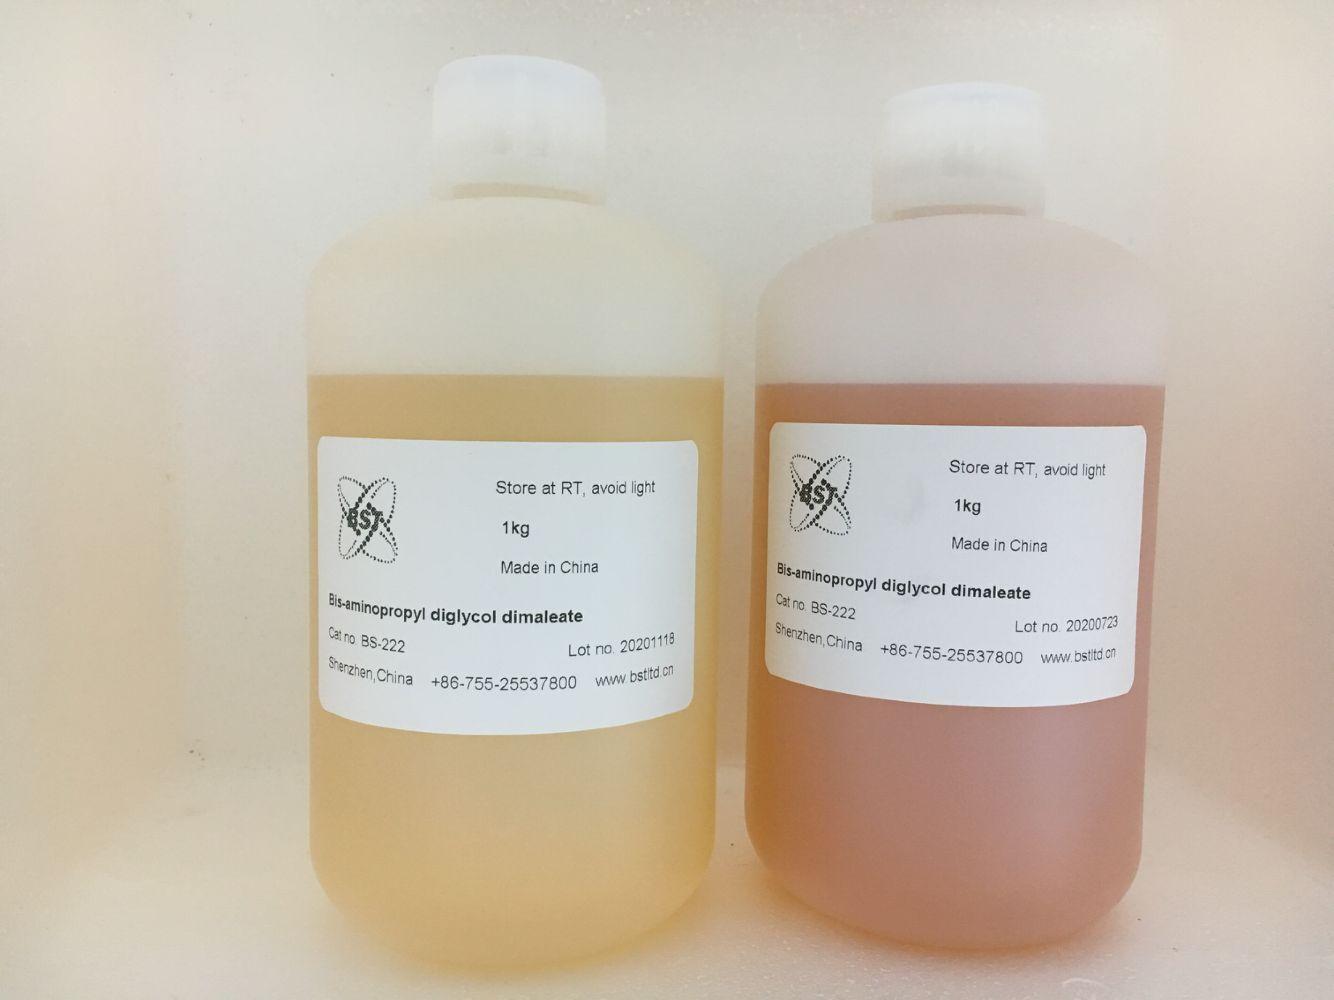 Olaplex No.0 core ingredient